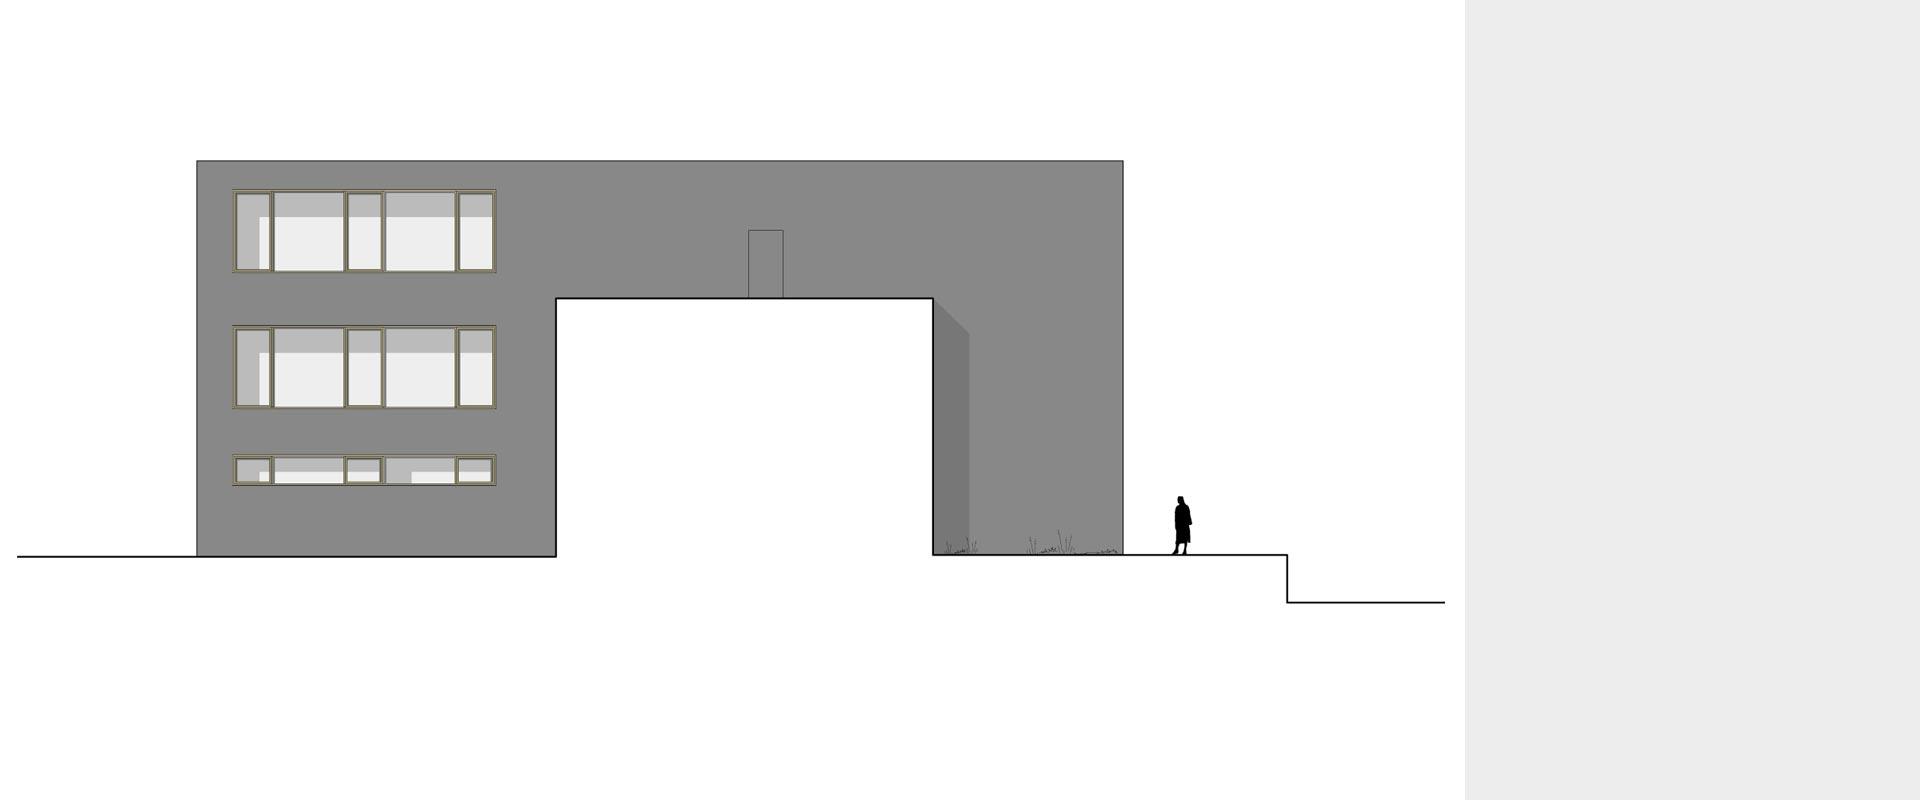 architekturbuero_henning_musahl_vogt08